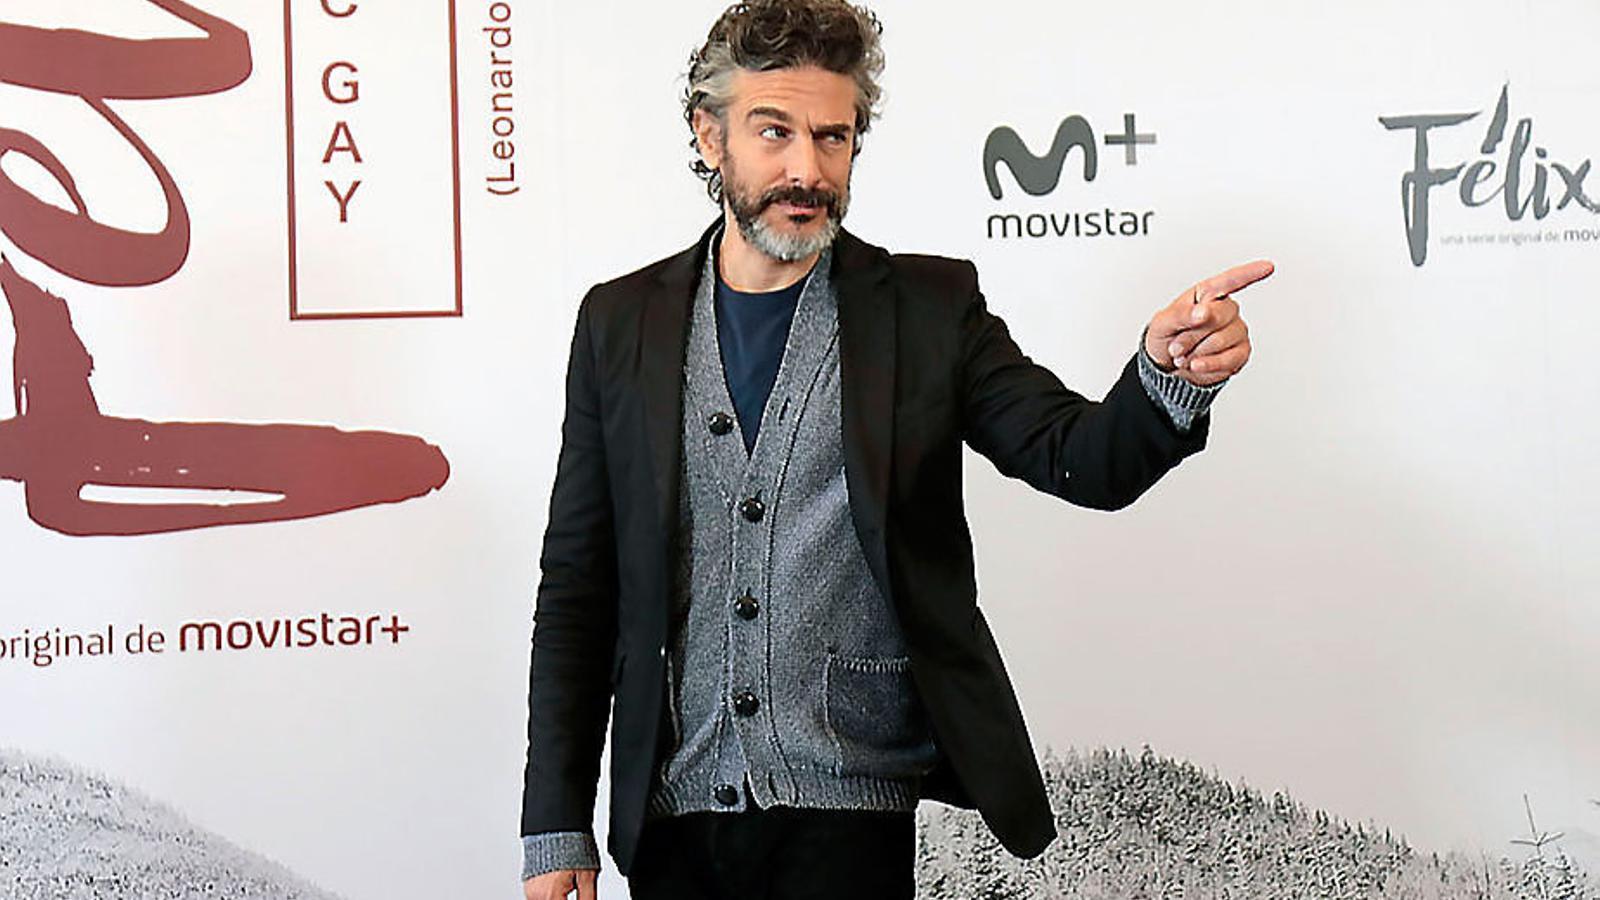 Movistar+ portarà 'Félix' al festival de sèries de Canes